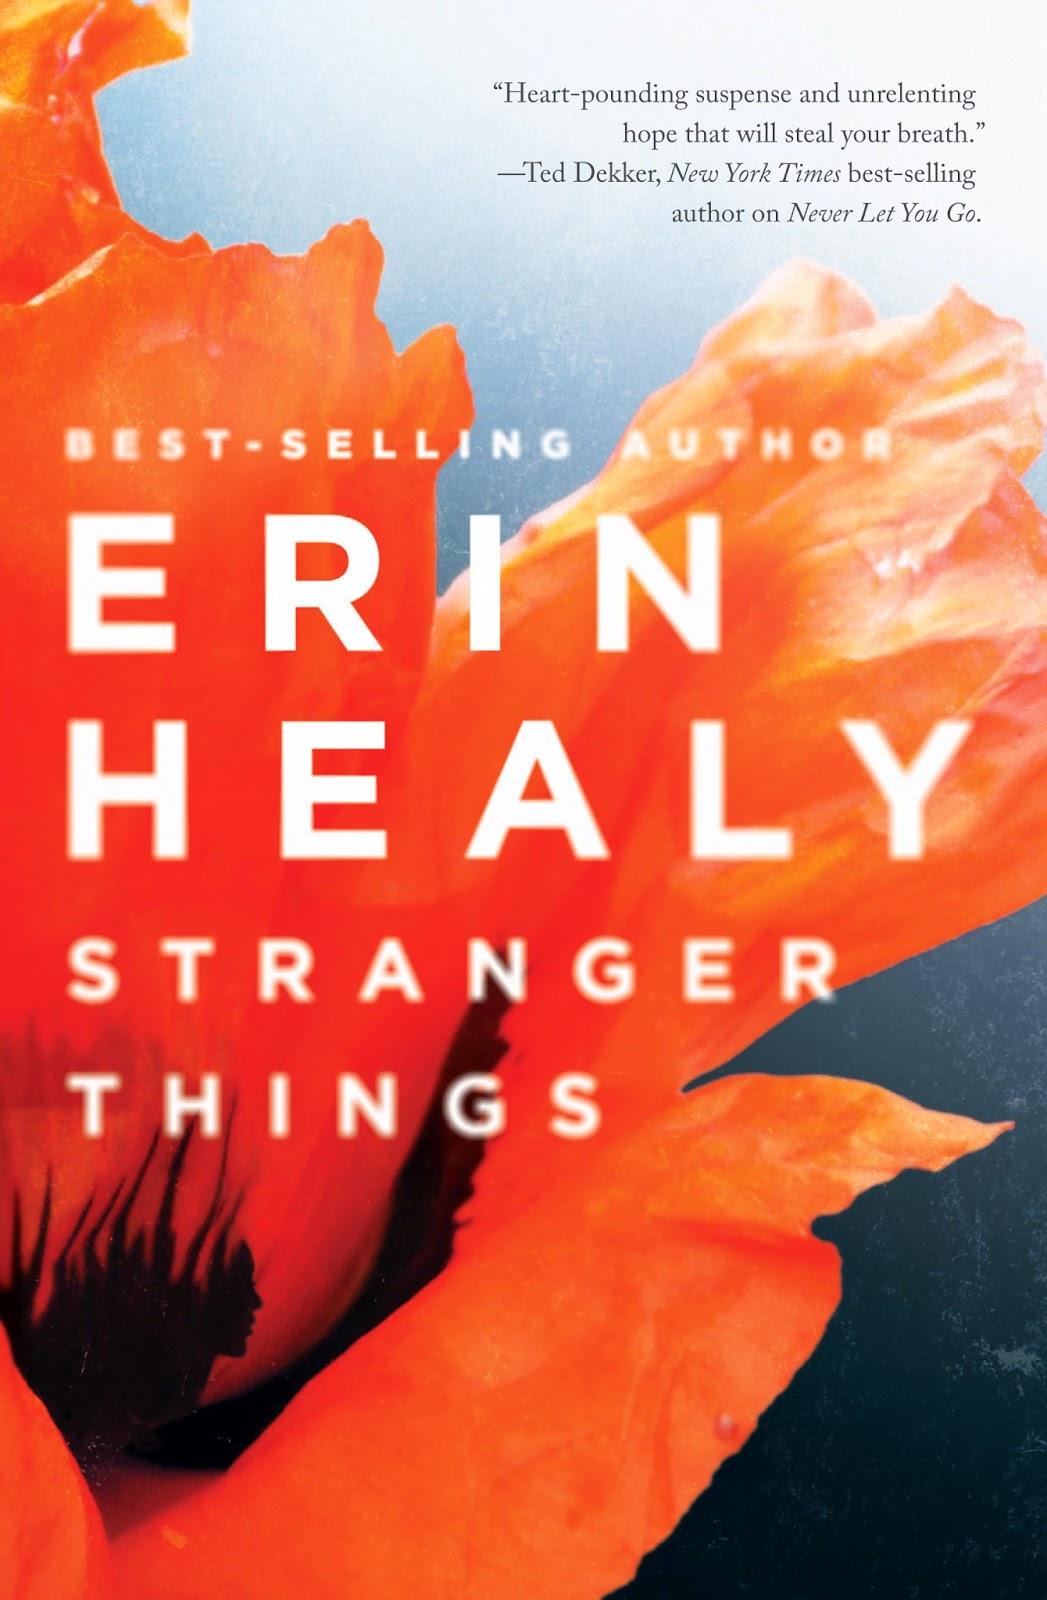 http://www.amazon.com/Stranger-Things-Erin-Healy/dp/1401689582/ref=sr_1_1?s=books&ie=UTF8&qid=1391034782&sr=1-1&keywords=stranger+things+by+erin+healy